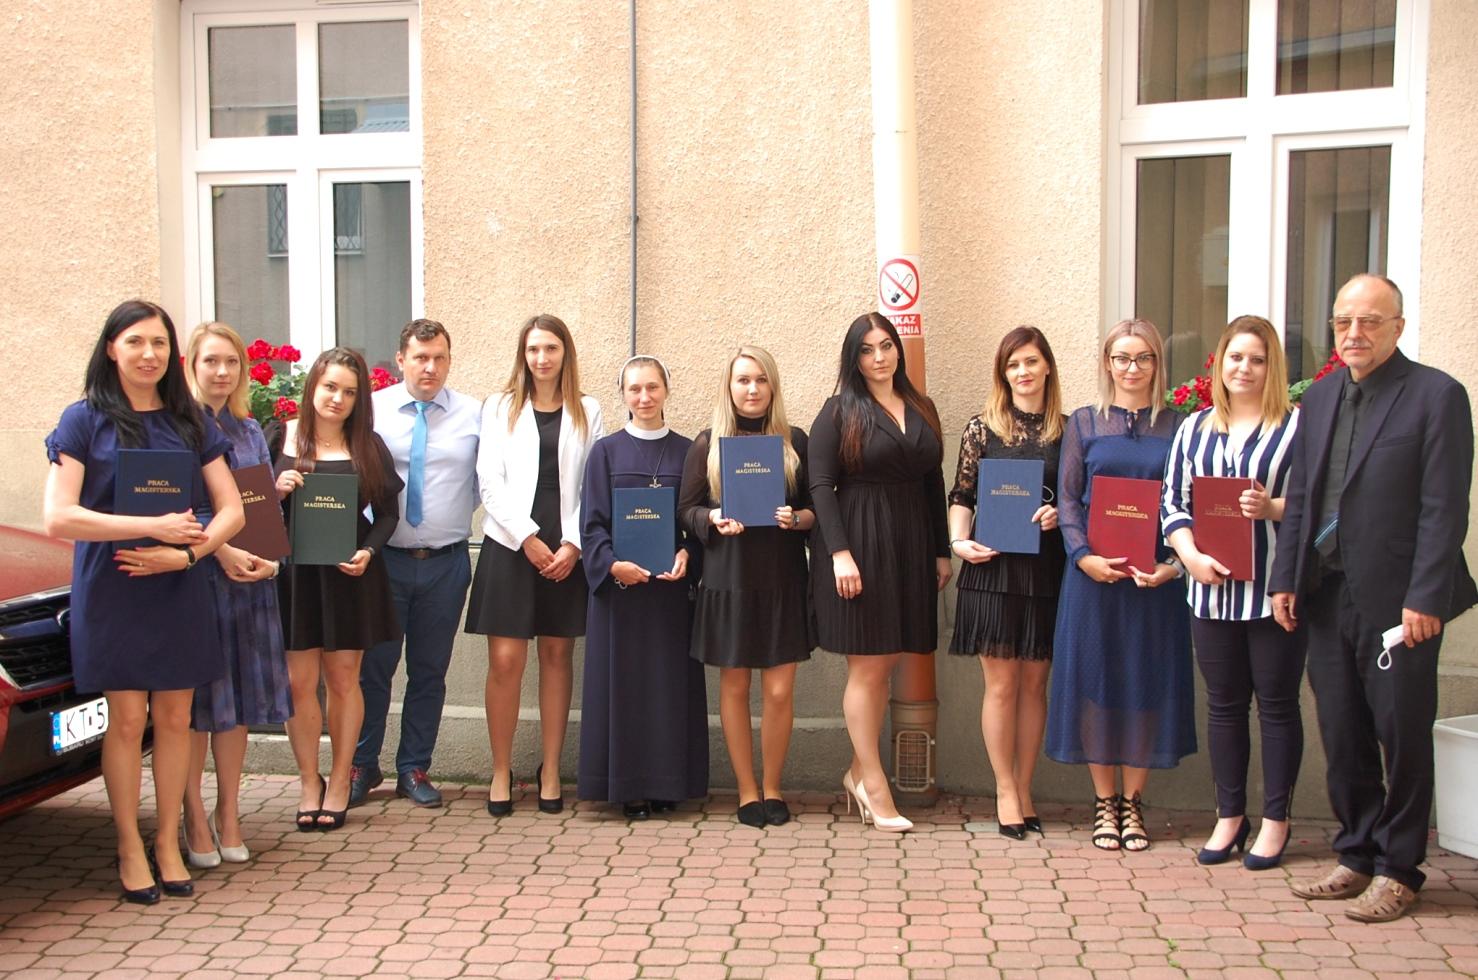 Grupa studentów na dziedzińcu budynku przy Szerokiej 9